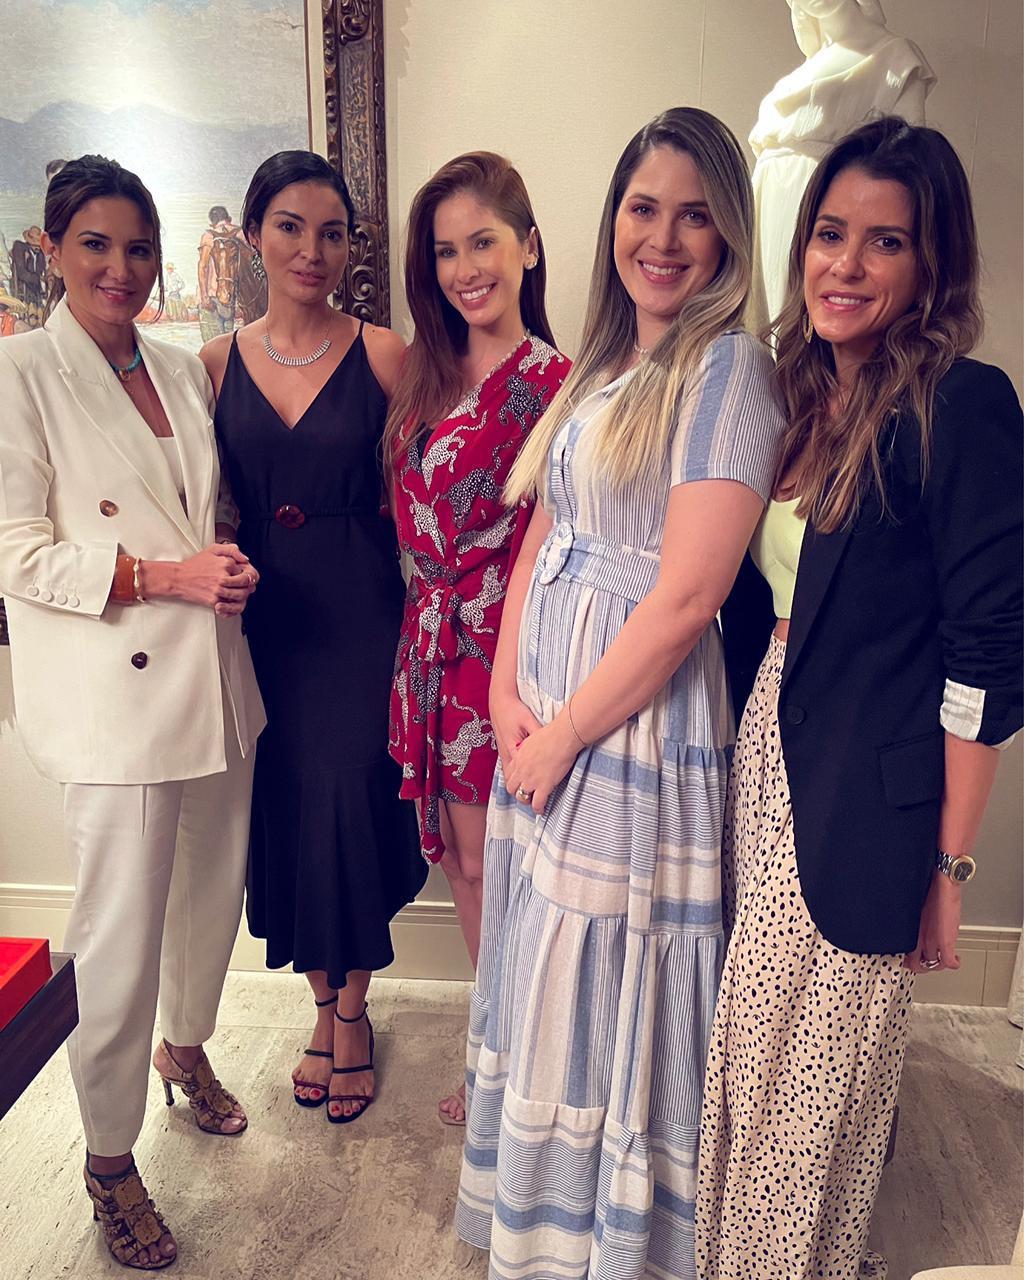 (Foto: arquivo pessoal)Aline Pinho, Ylka Franck, Heide e Mila Bitu, Tatiana Machado